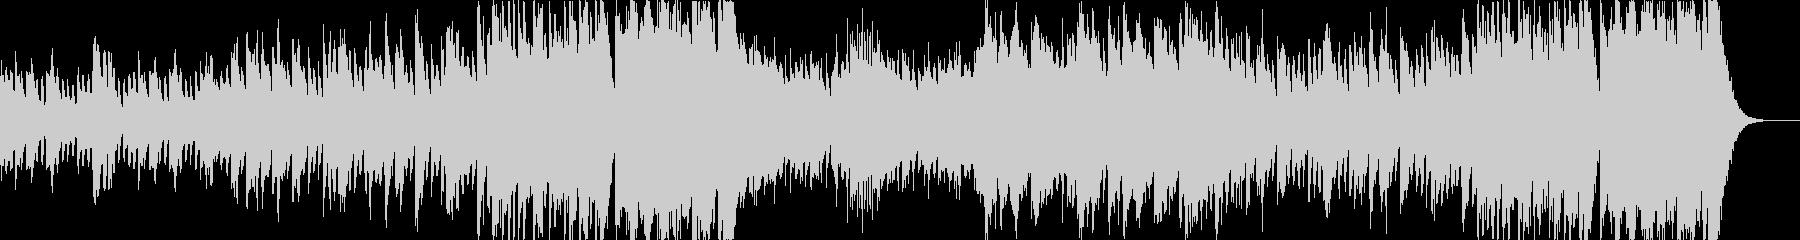 ハロウィンのオーケストラの未再生の波形